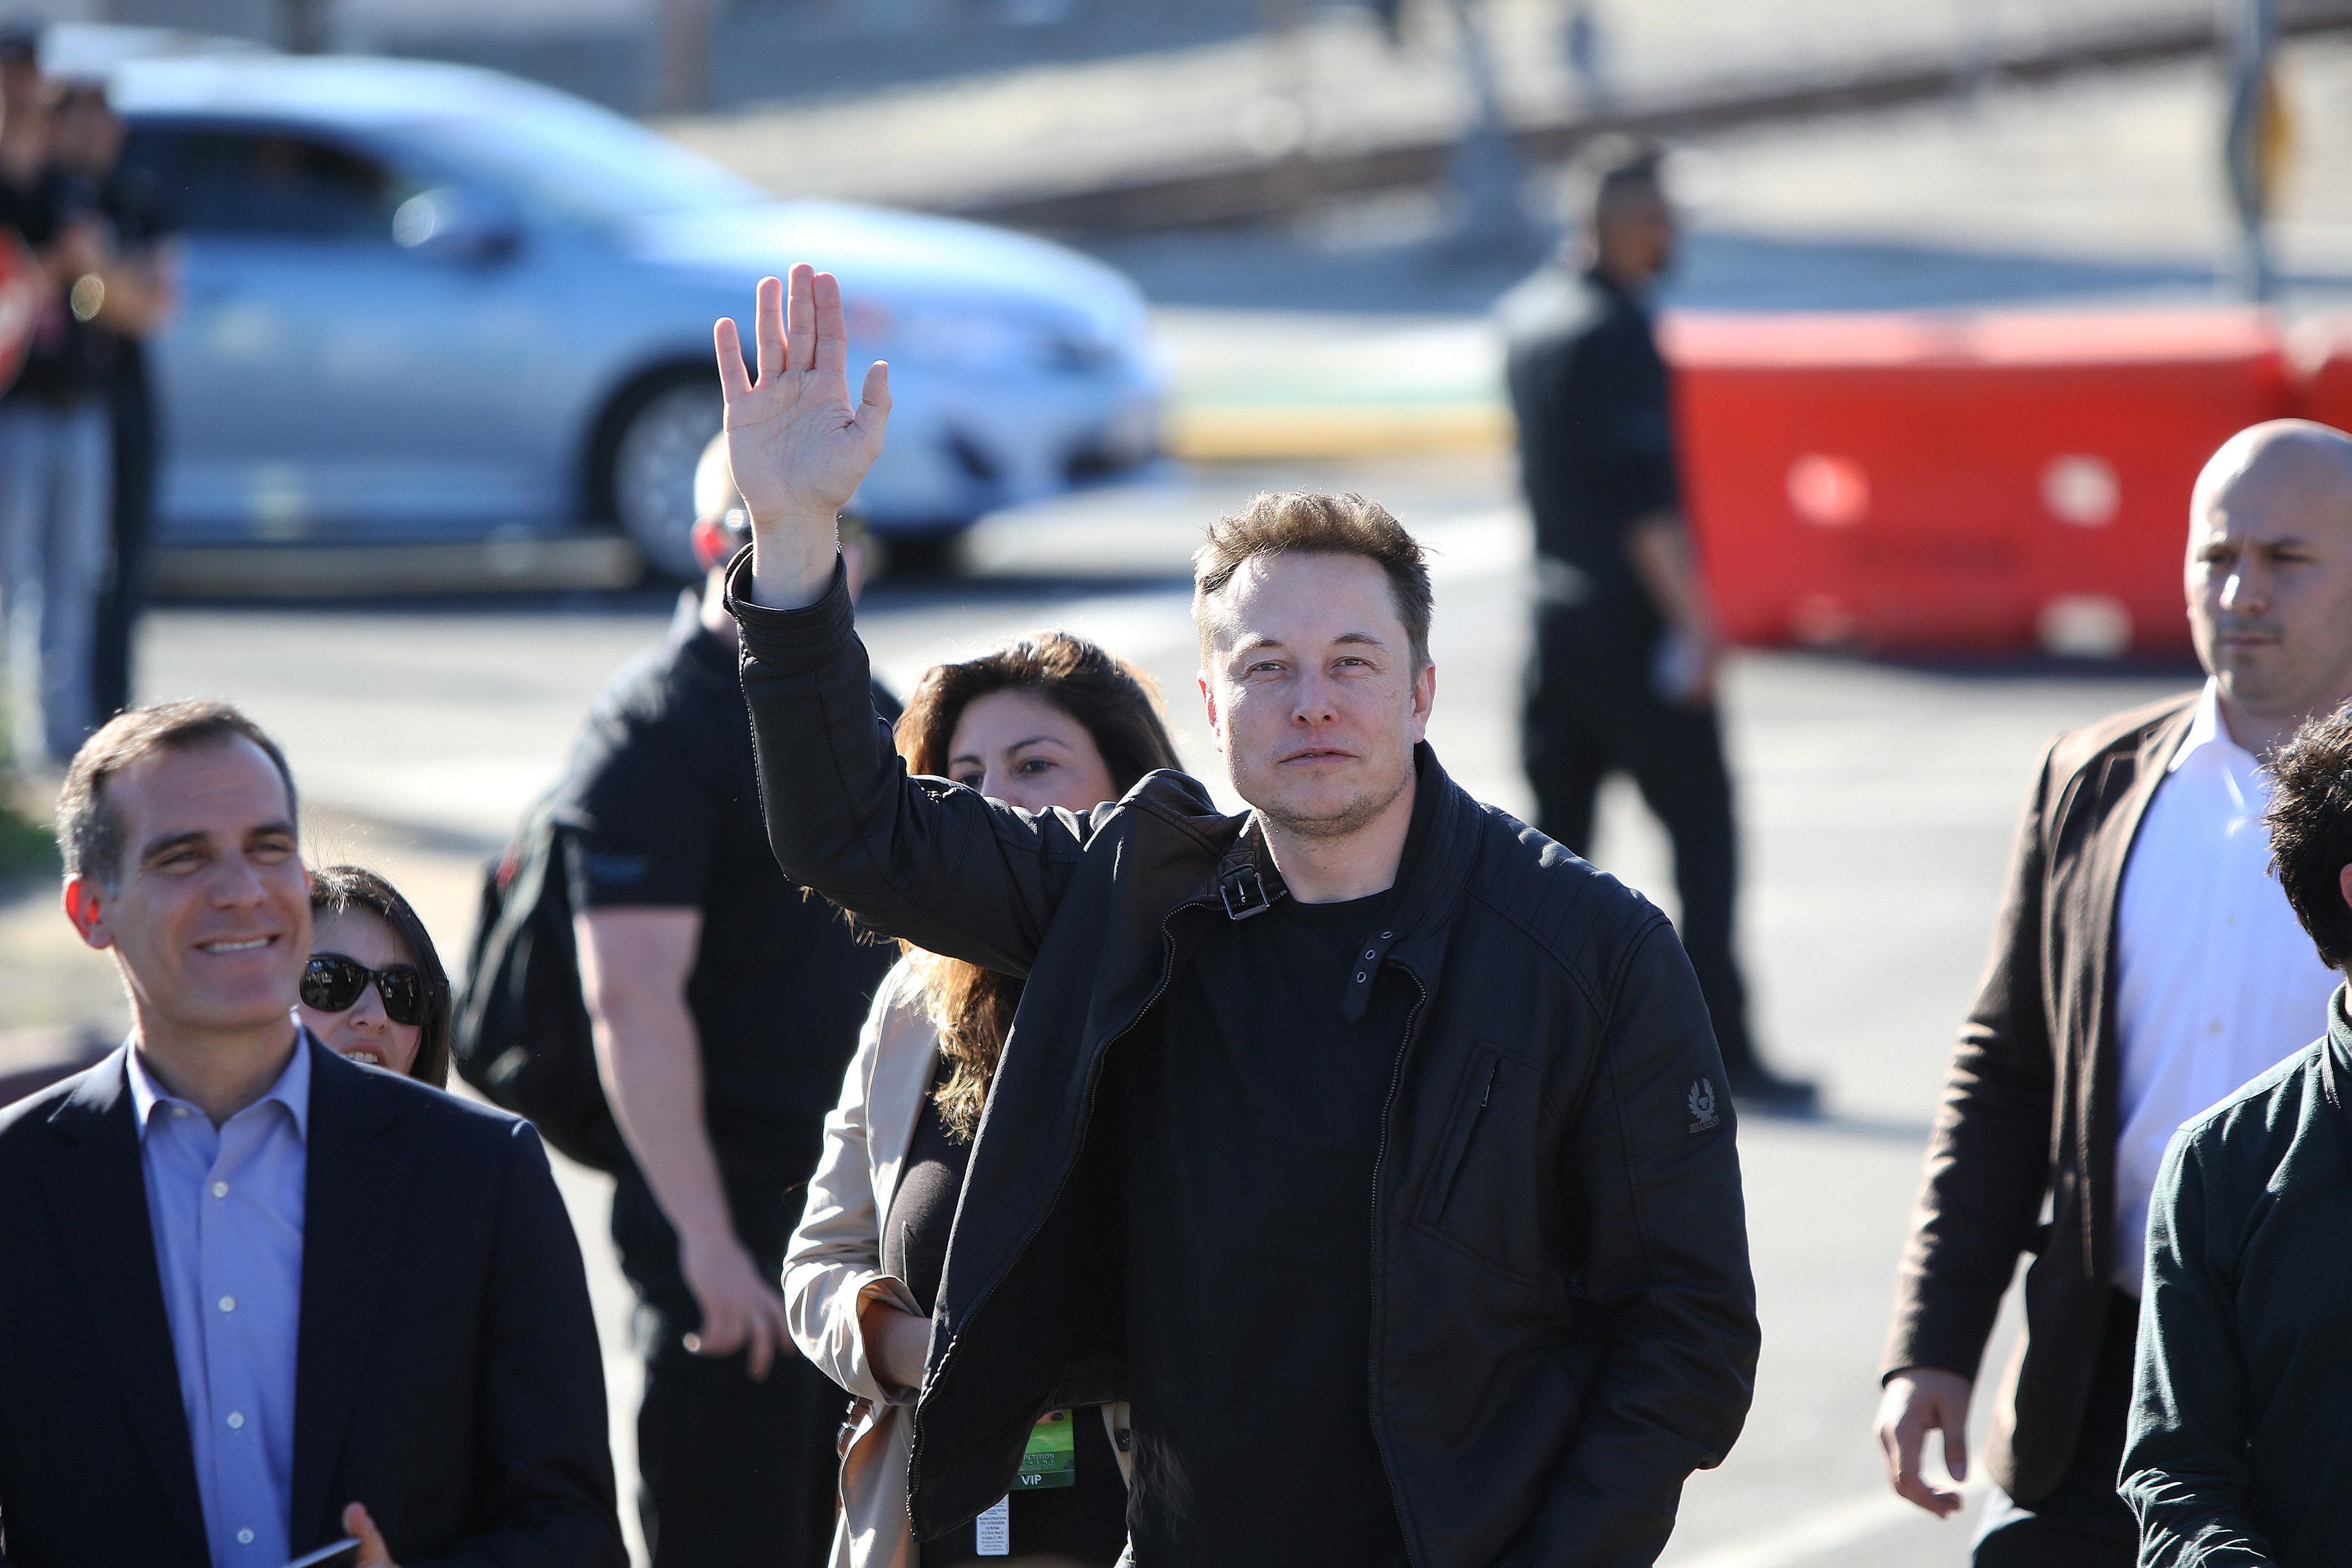 Tesla иSpaceX присоединились к организациям, выступивших против указа Трампа обеженцах